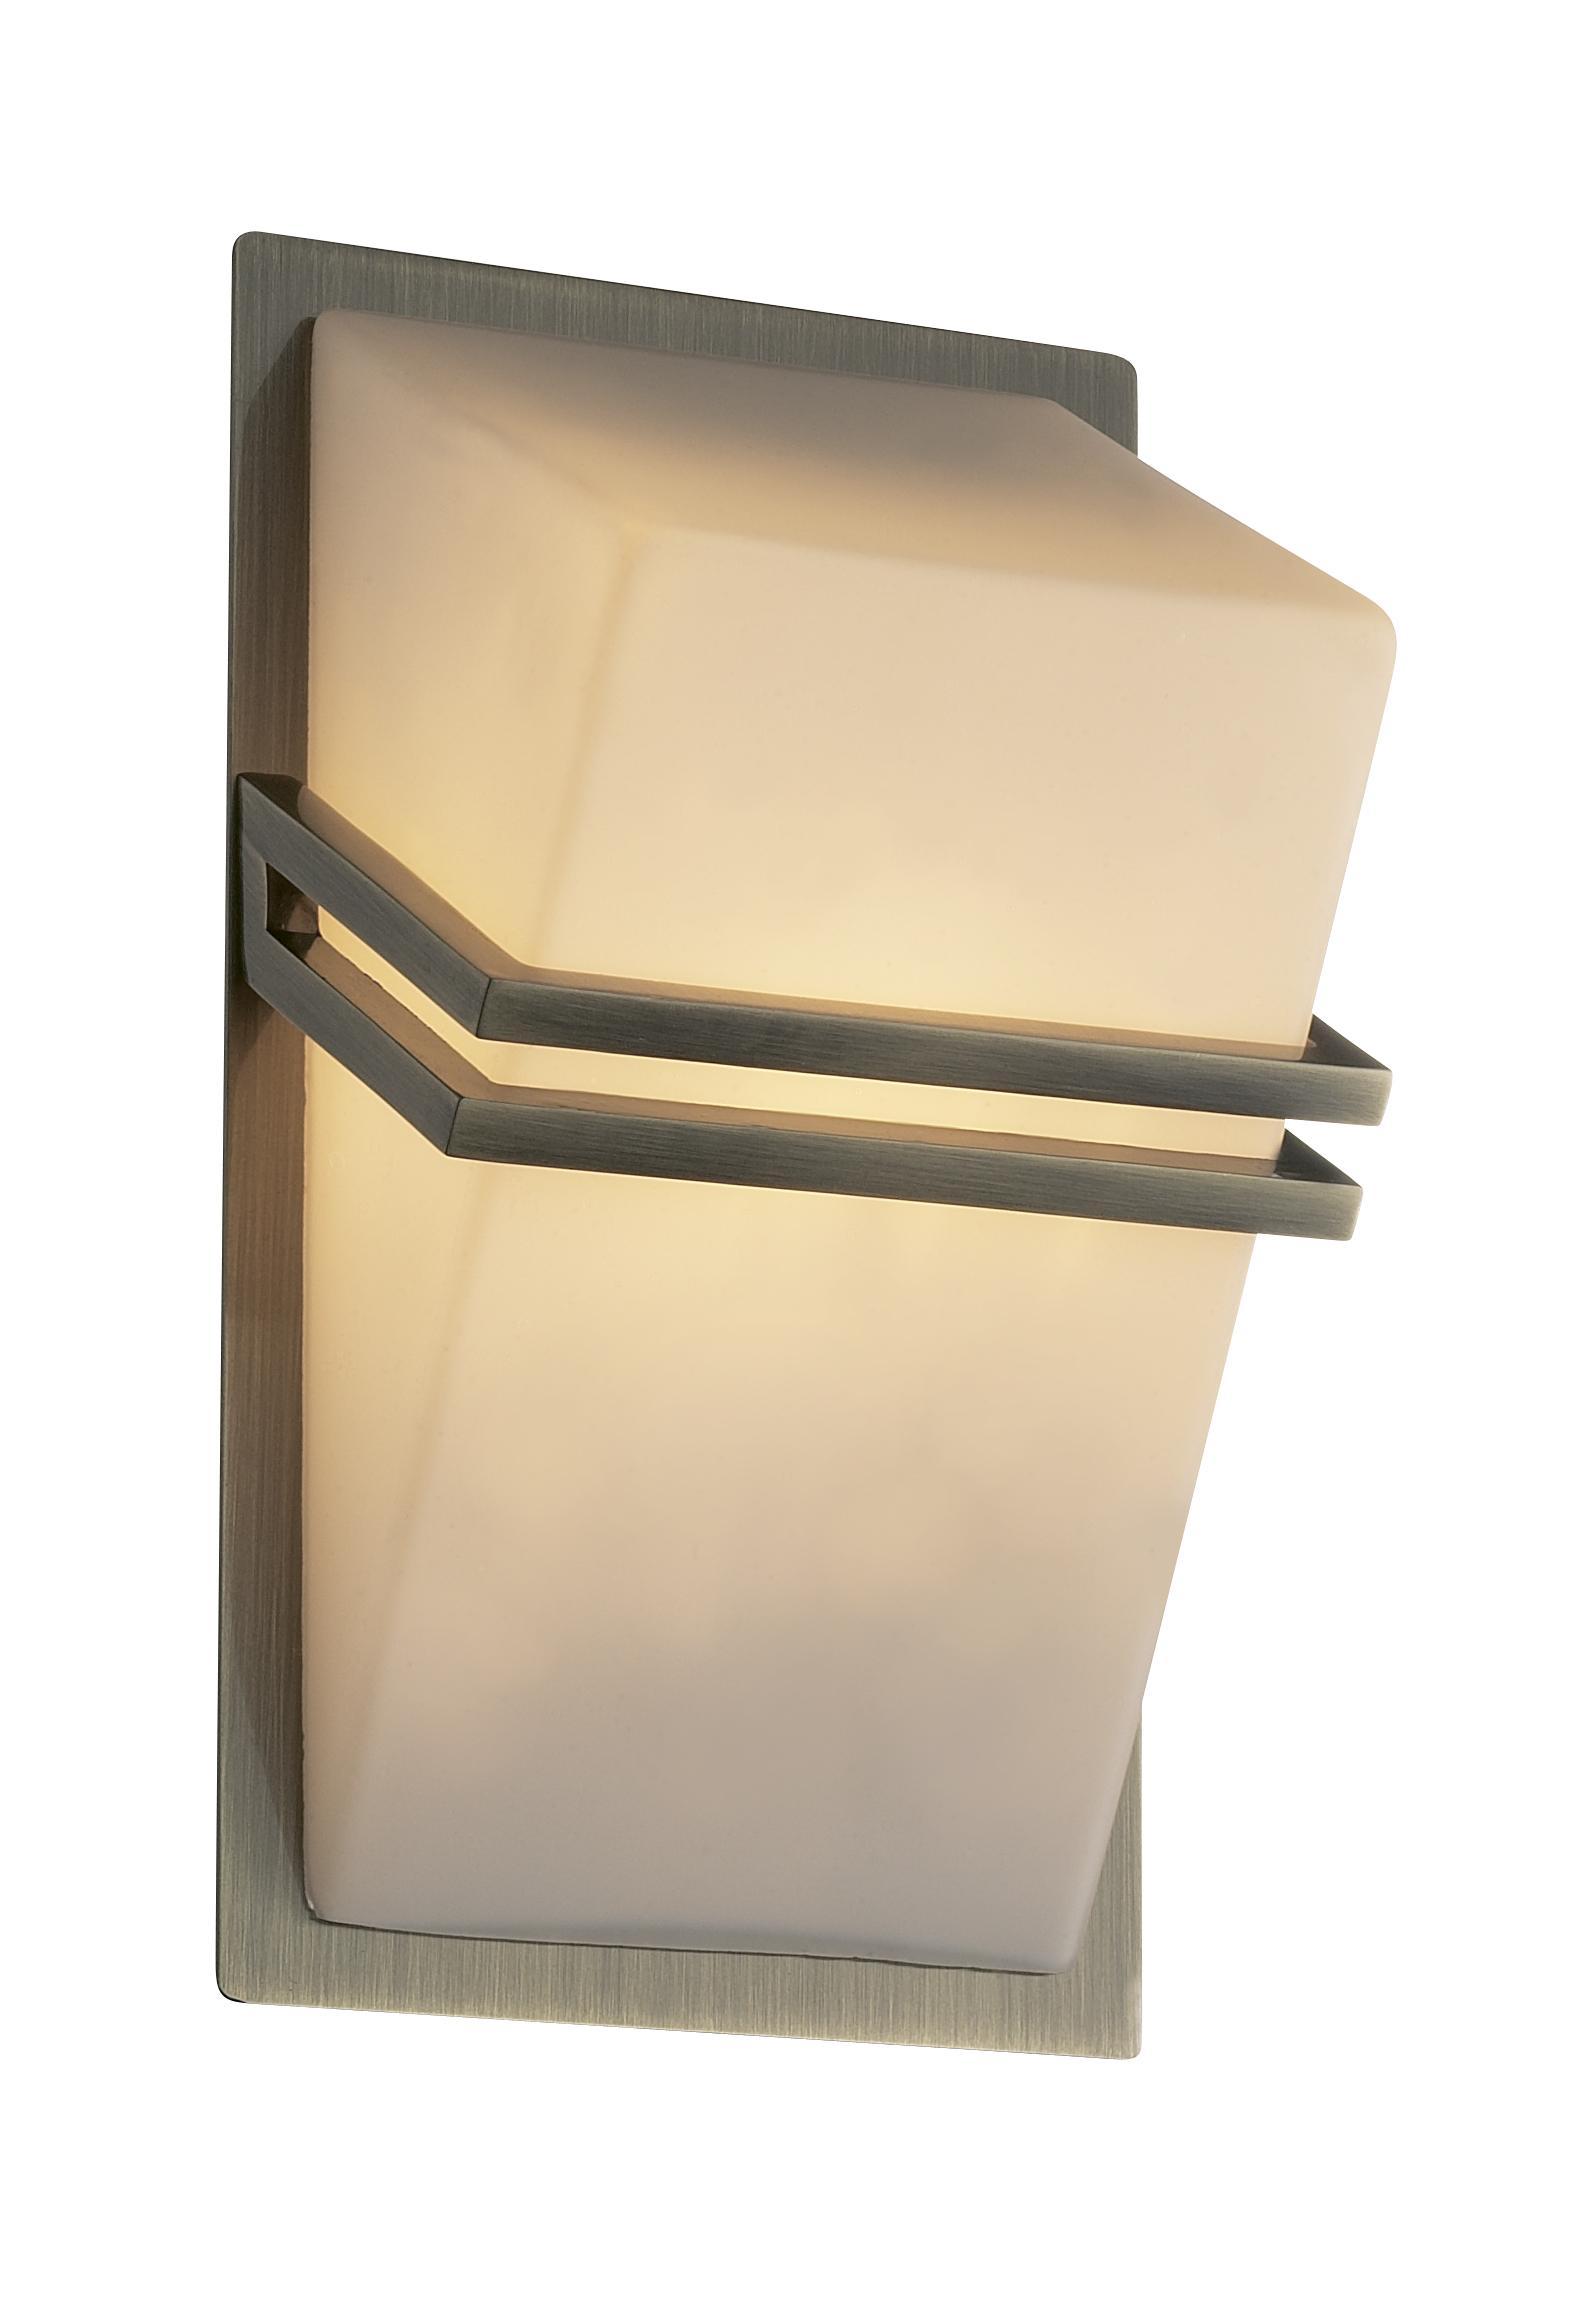 Светильник настенный Odeon light 2023/1w недорого